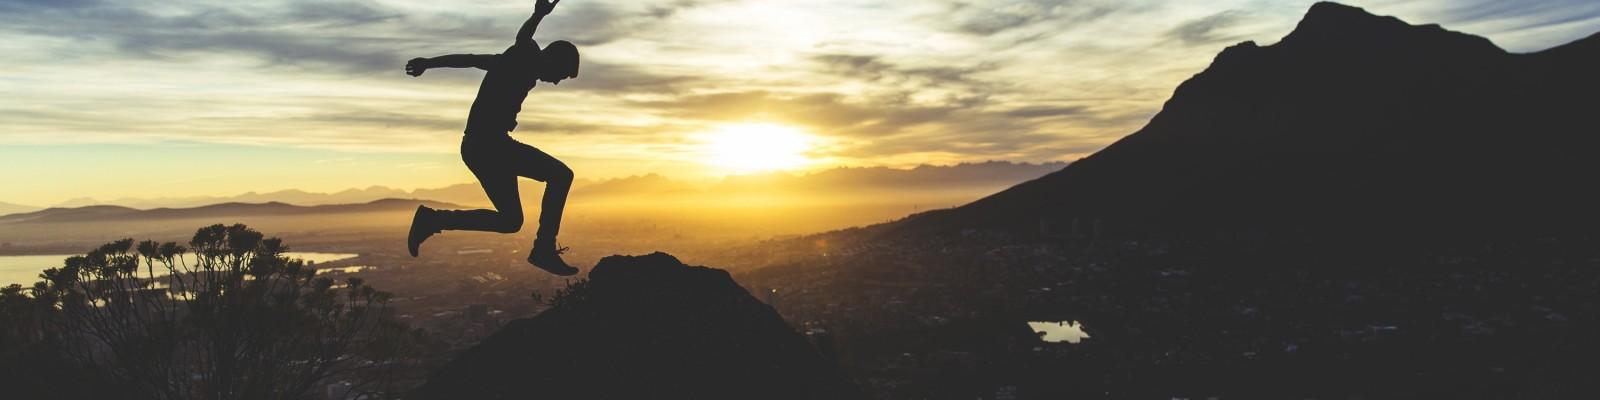 Atelier atelier Mobilité mobilité Léo Lagrange voyage service volontaire mission Europe étranger solidaire social projet construire s'engager ensemble rêver monde envie désir partager citoyen sve aide soutien